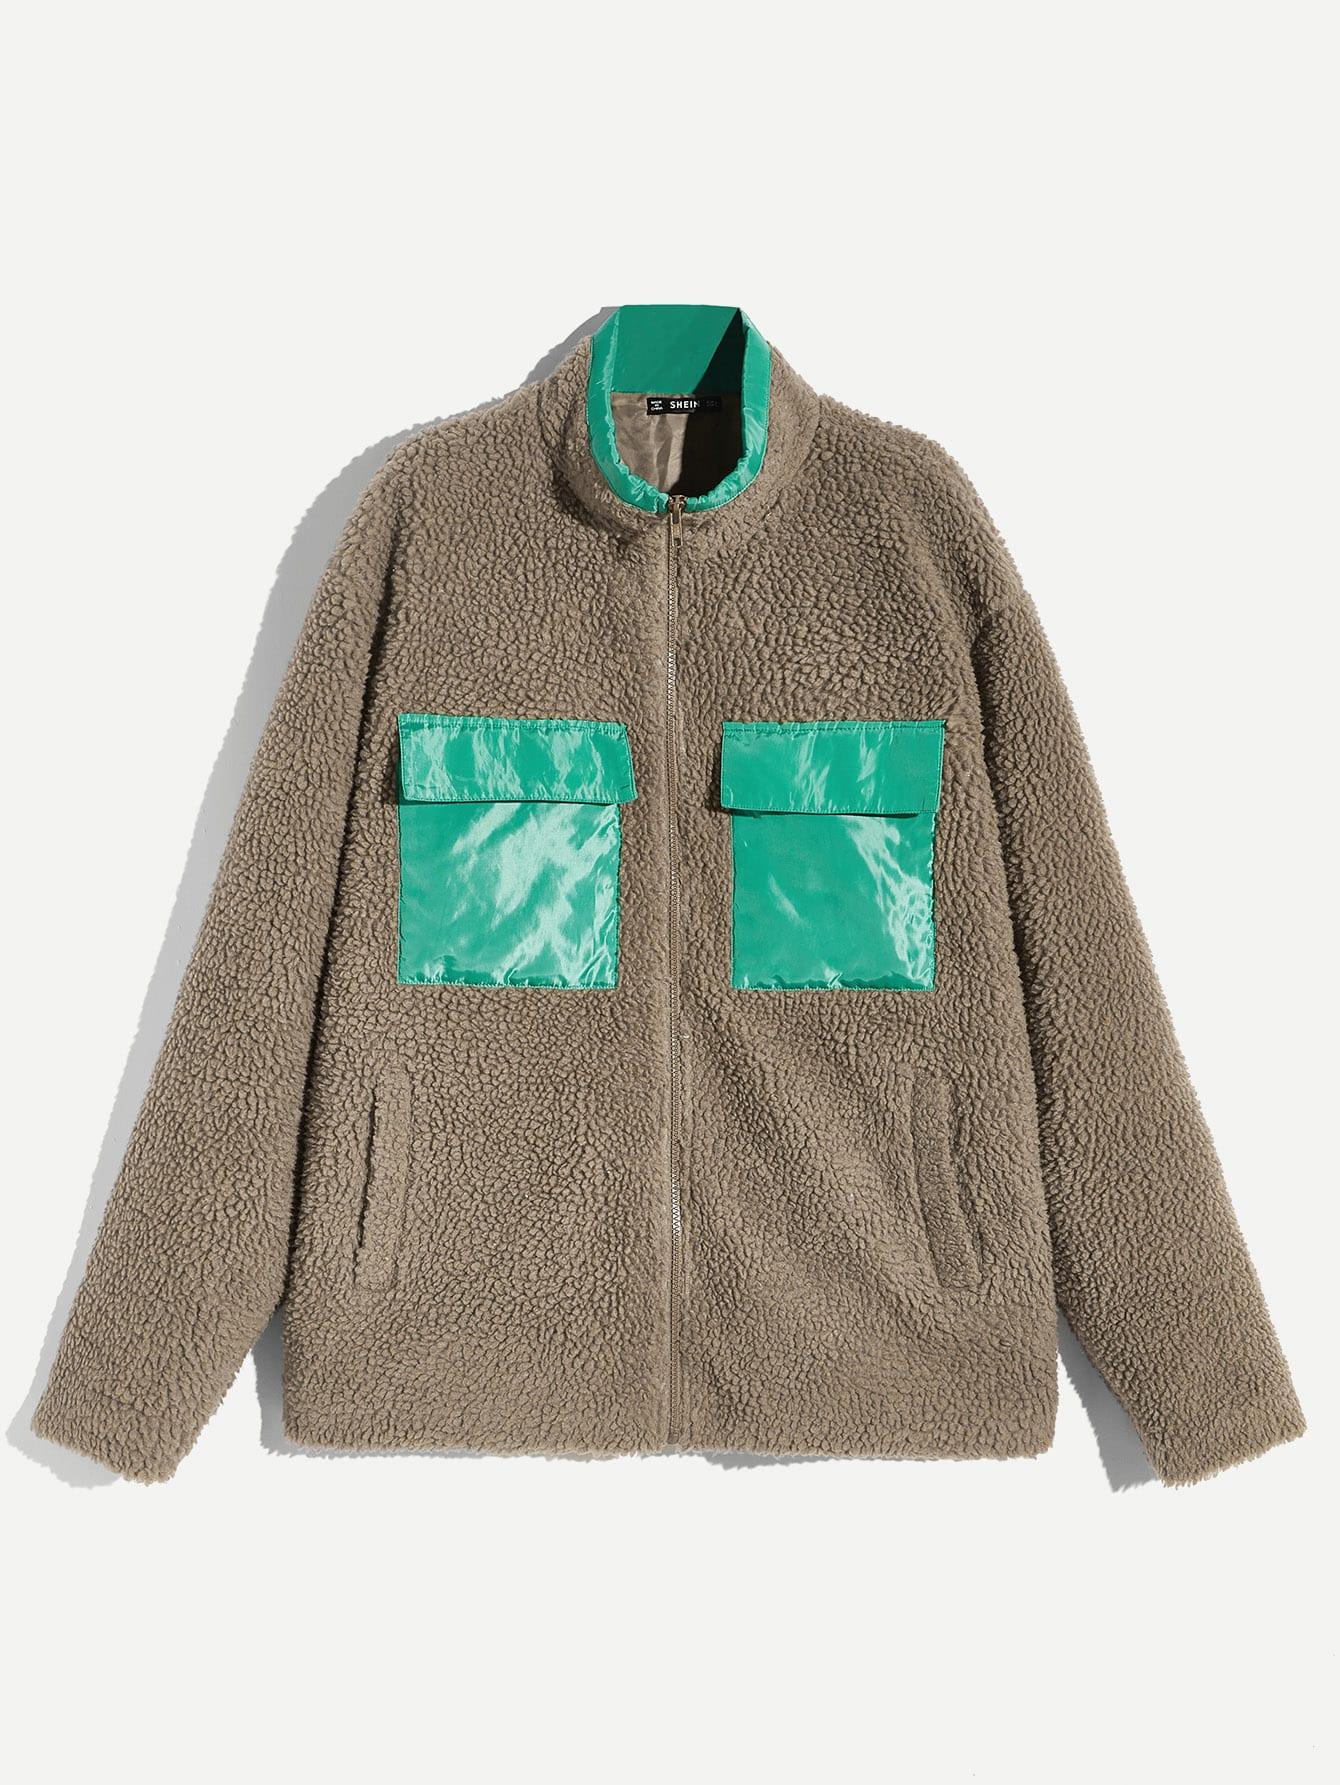 Купить Мужская контрастная куртка тедди на молнии с карманом, null, SheIn